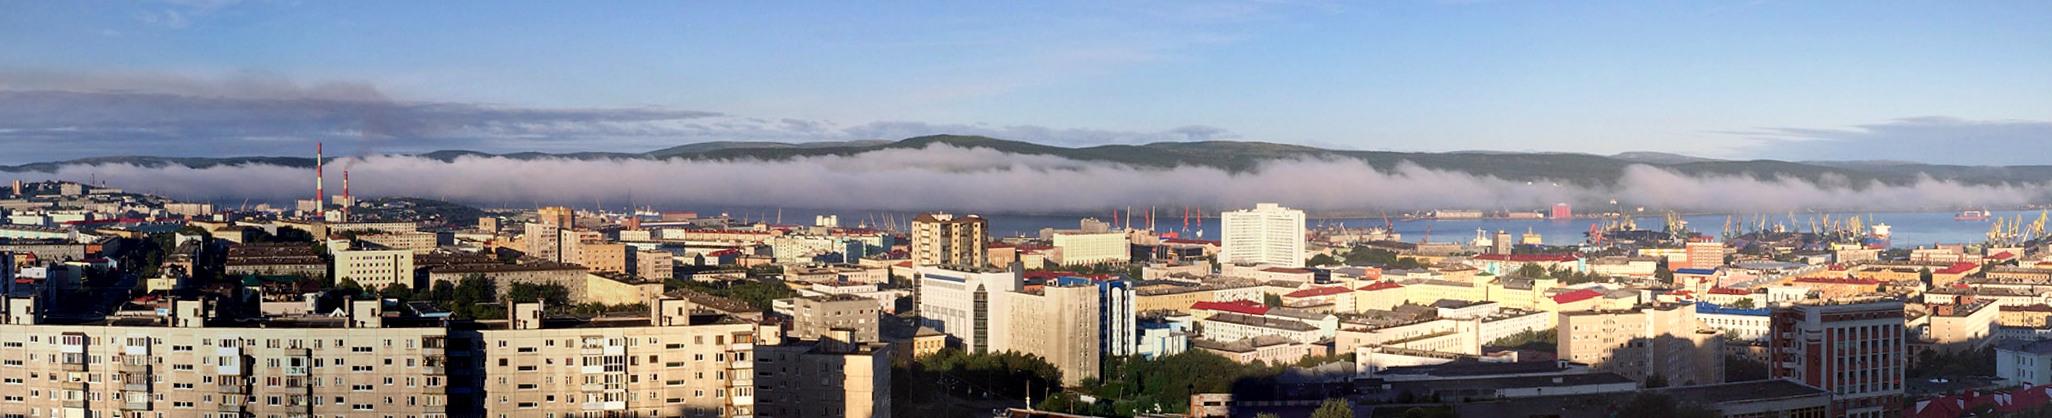 Мурманск панорама